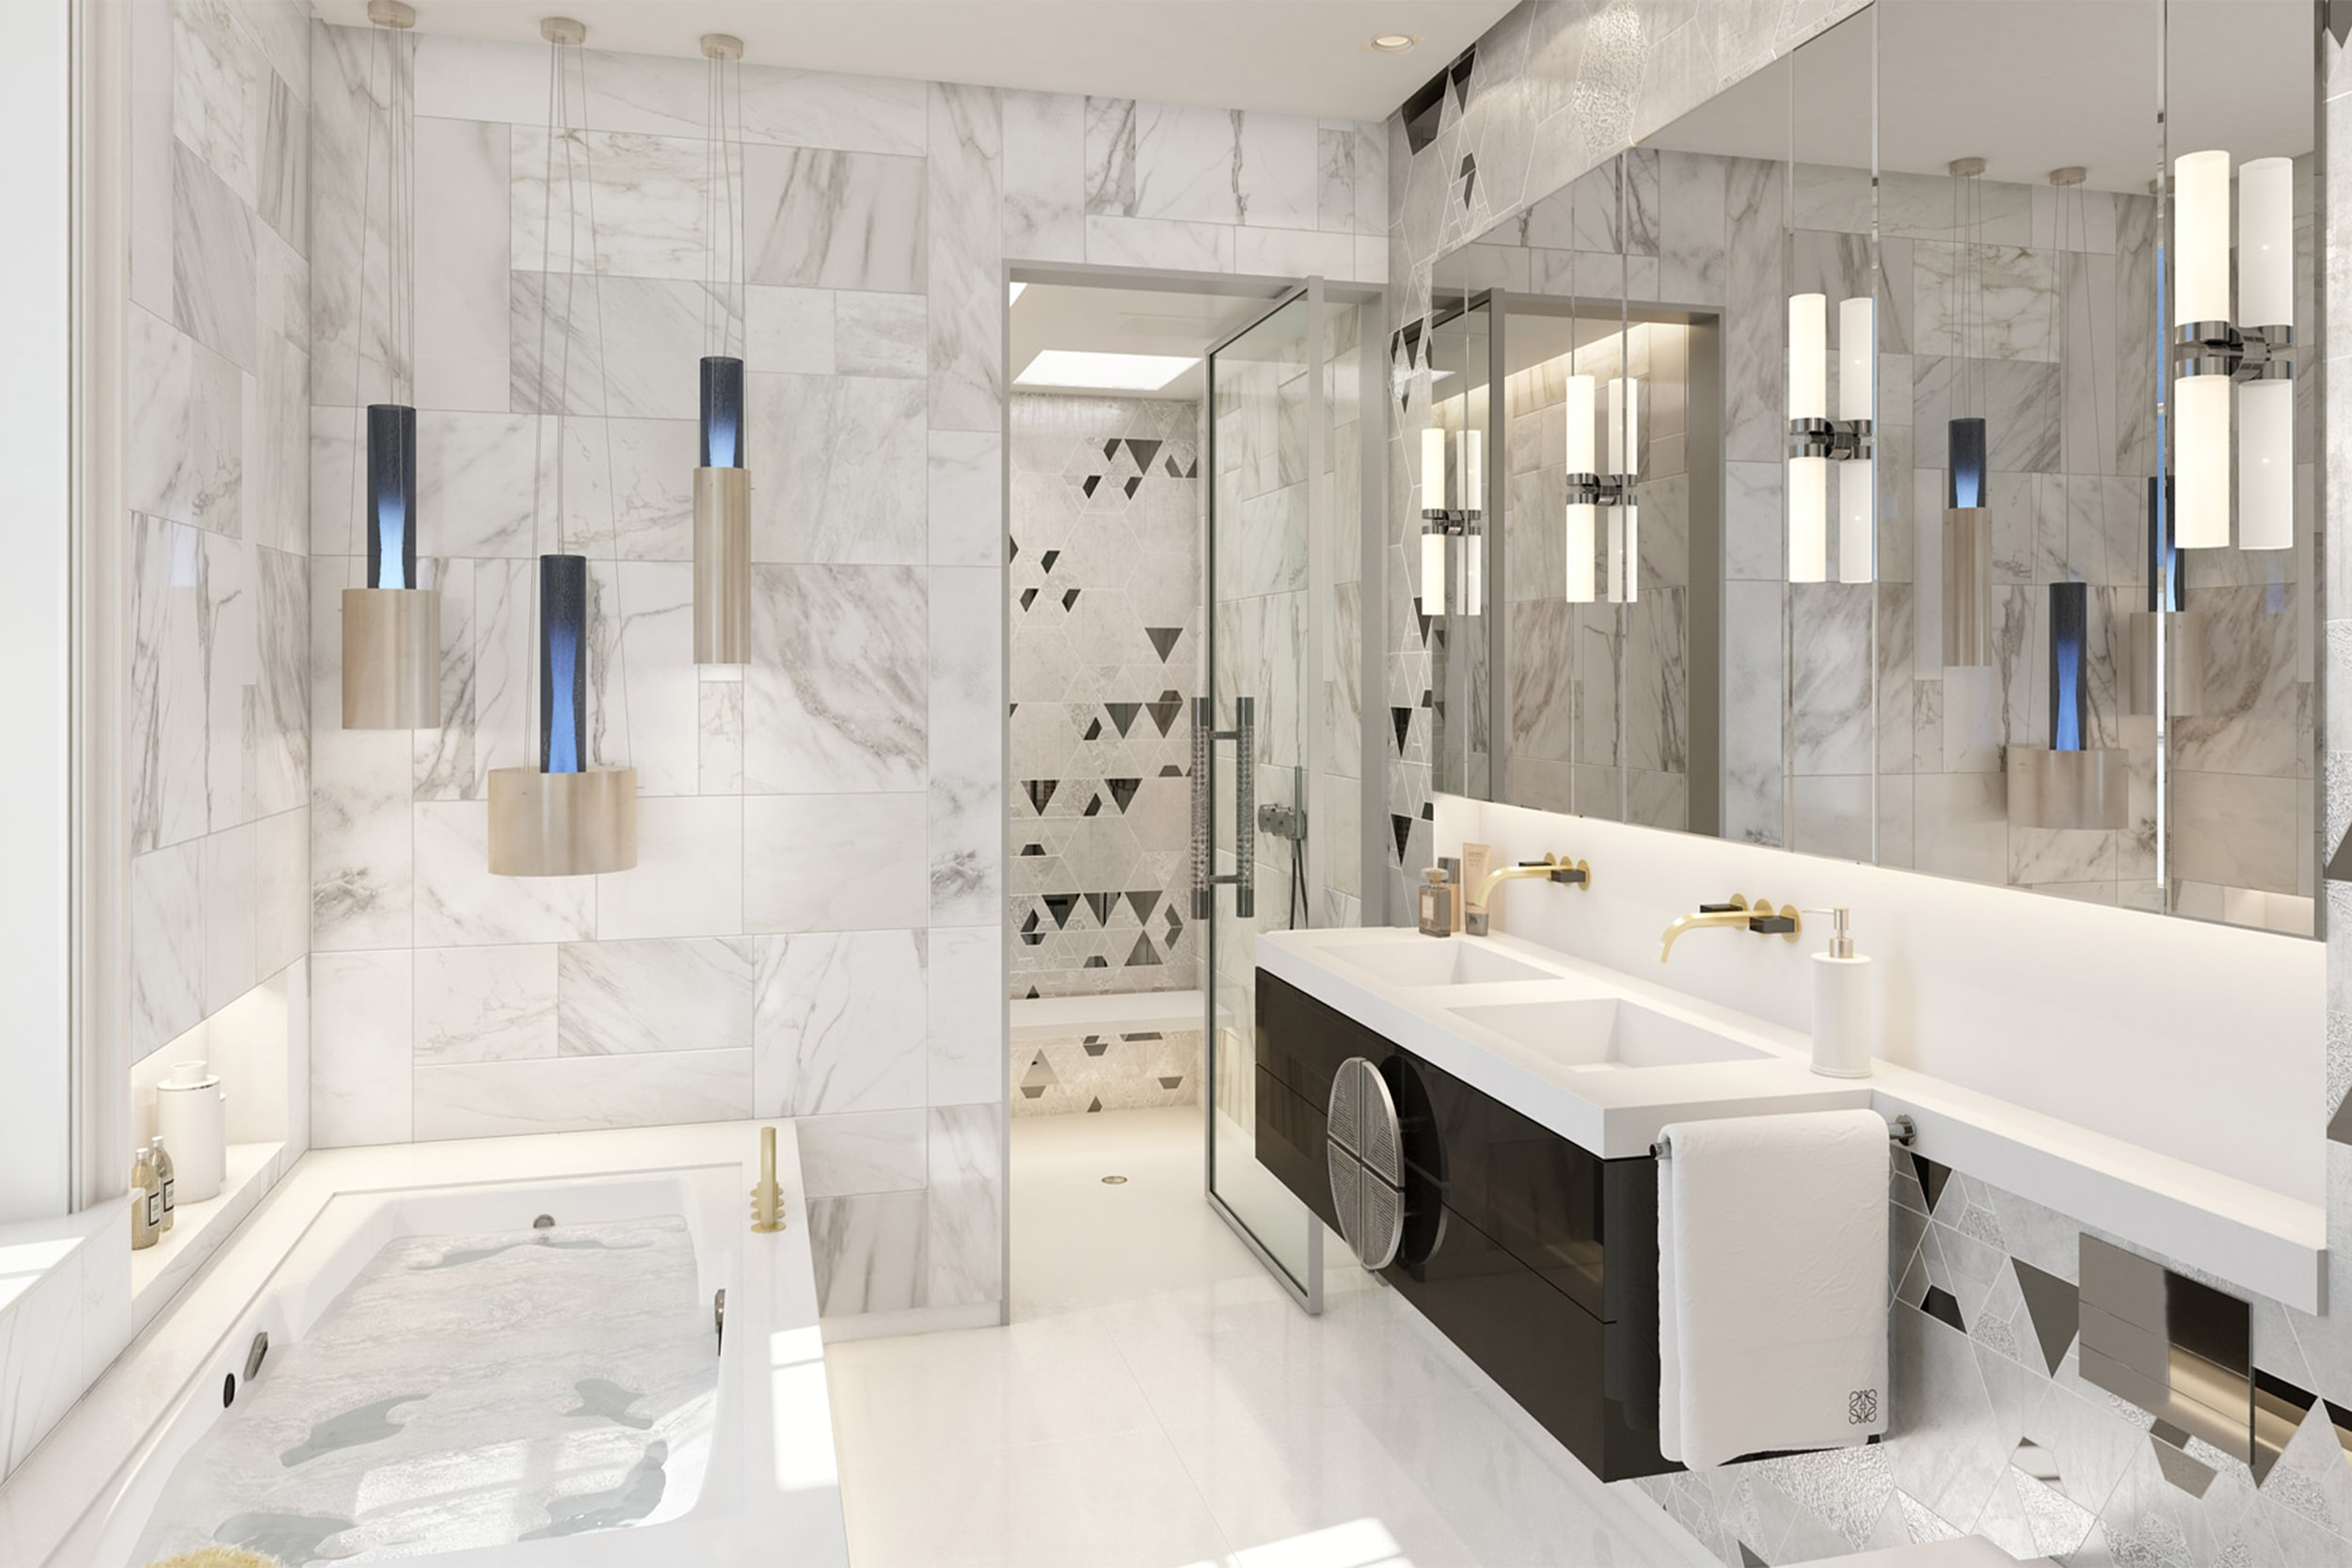 Tendencias en decoración de baños para este 2019 | Pedro peña